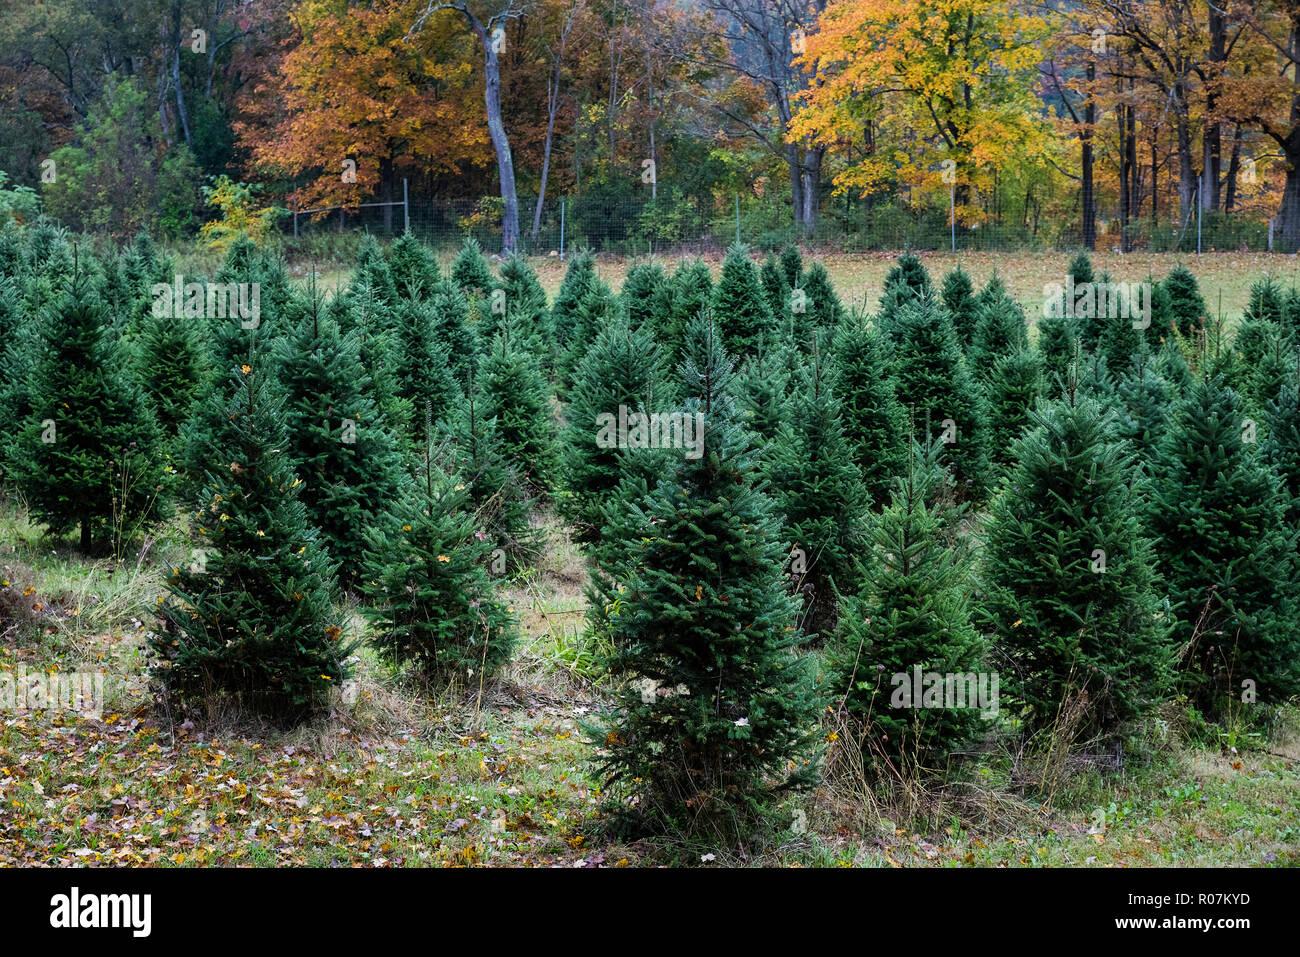 Granja de árboles de Navidad, Bennington, Vermont, EE.UU. Foto de stock